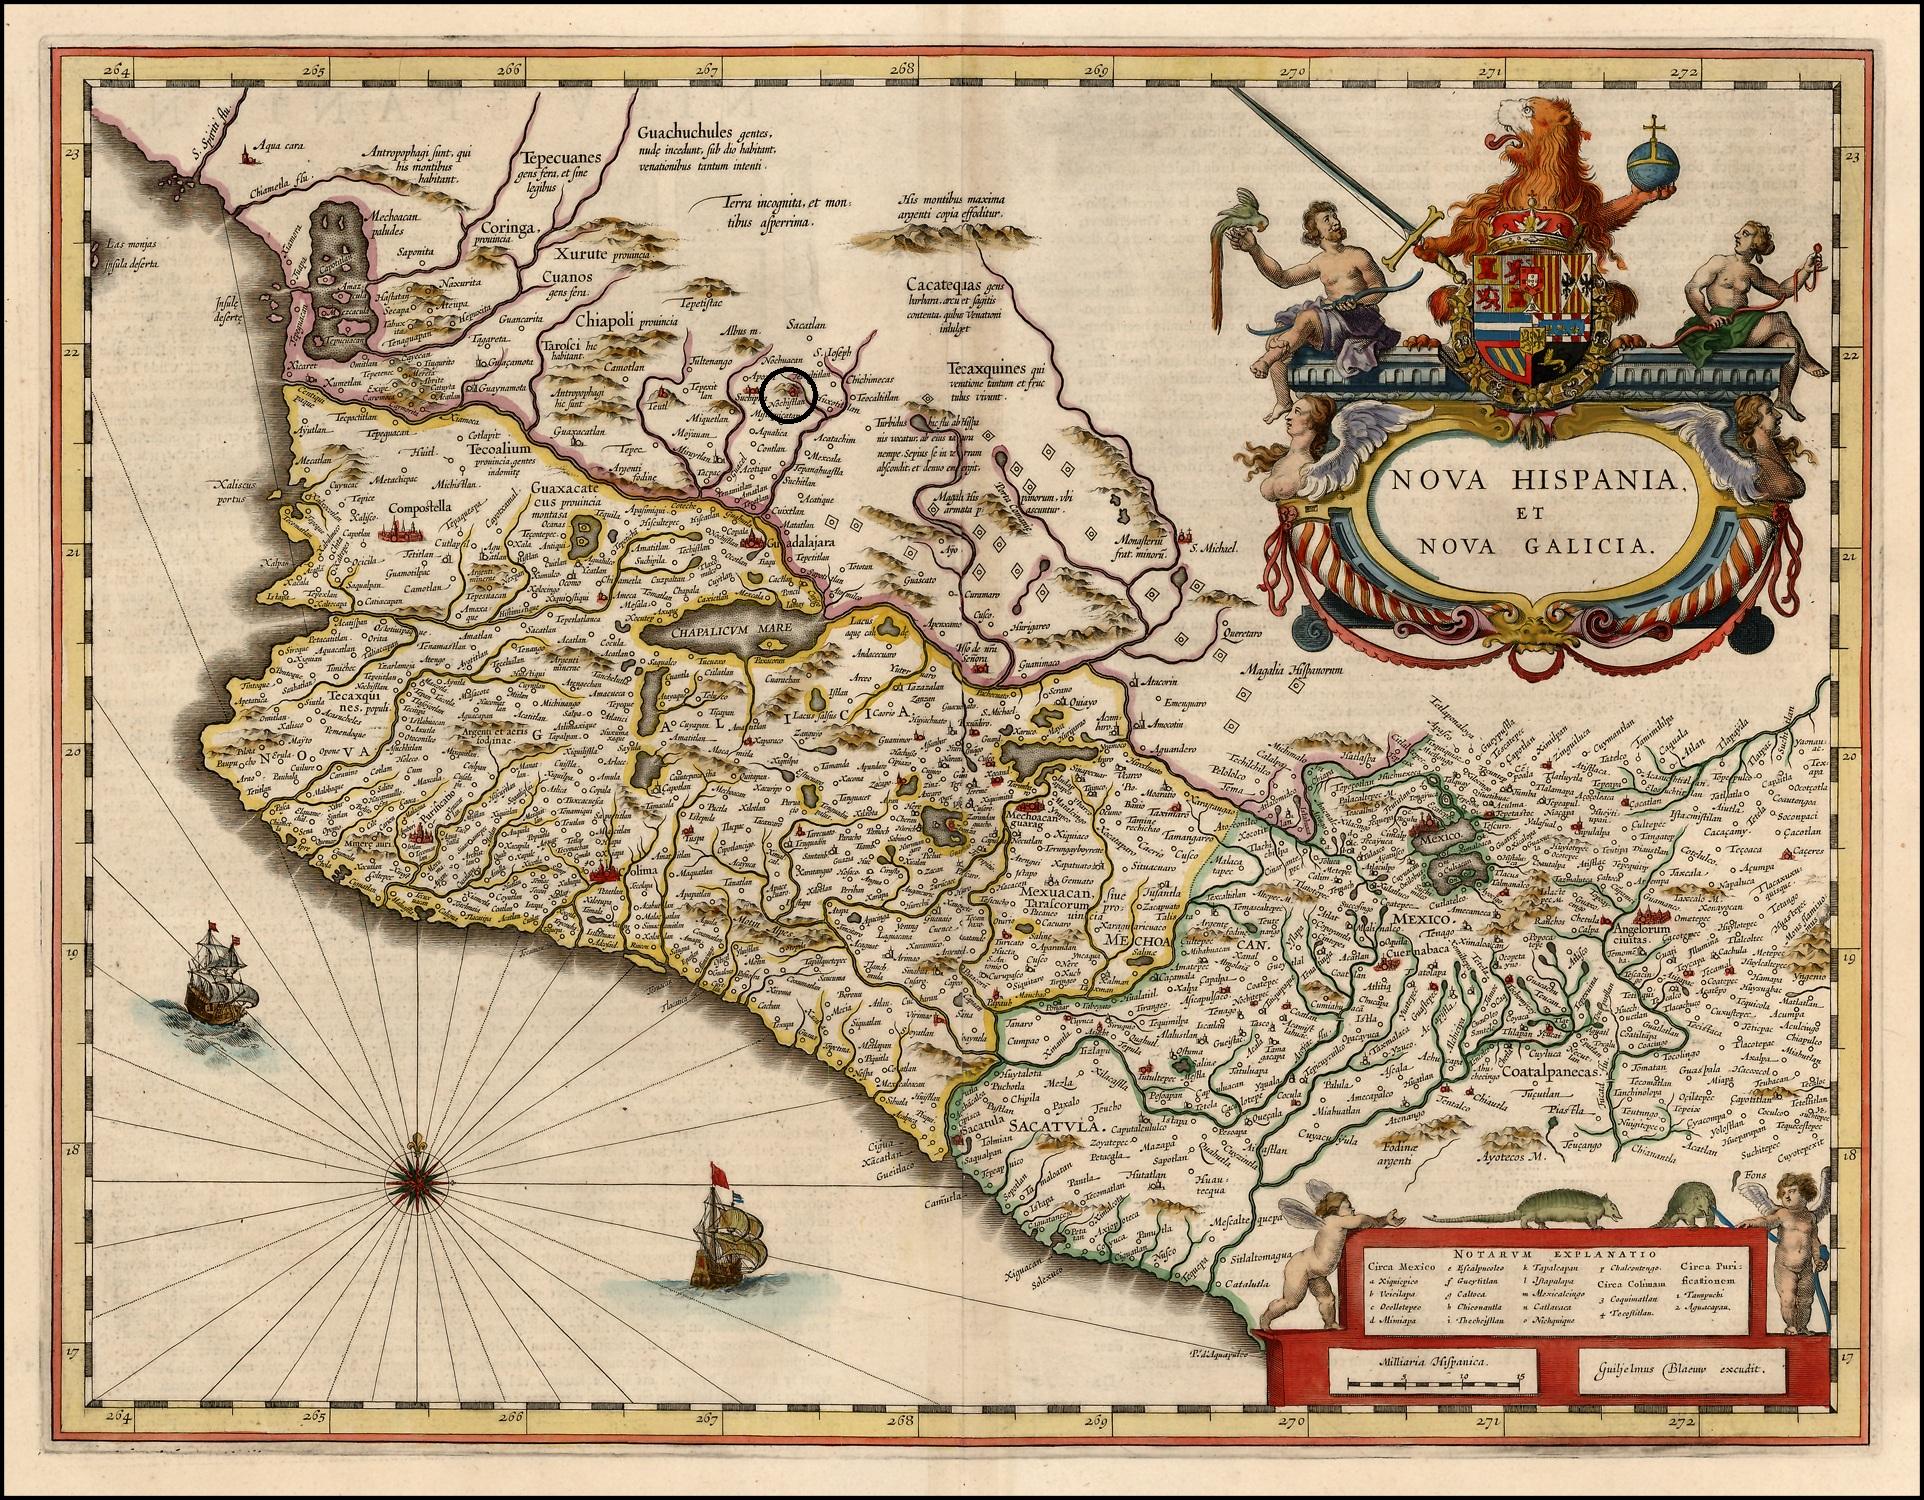 Nu o de guzm n conquistador de nueva galicia historia for Villas que fundo nuno de guzman